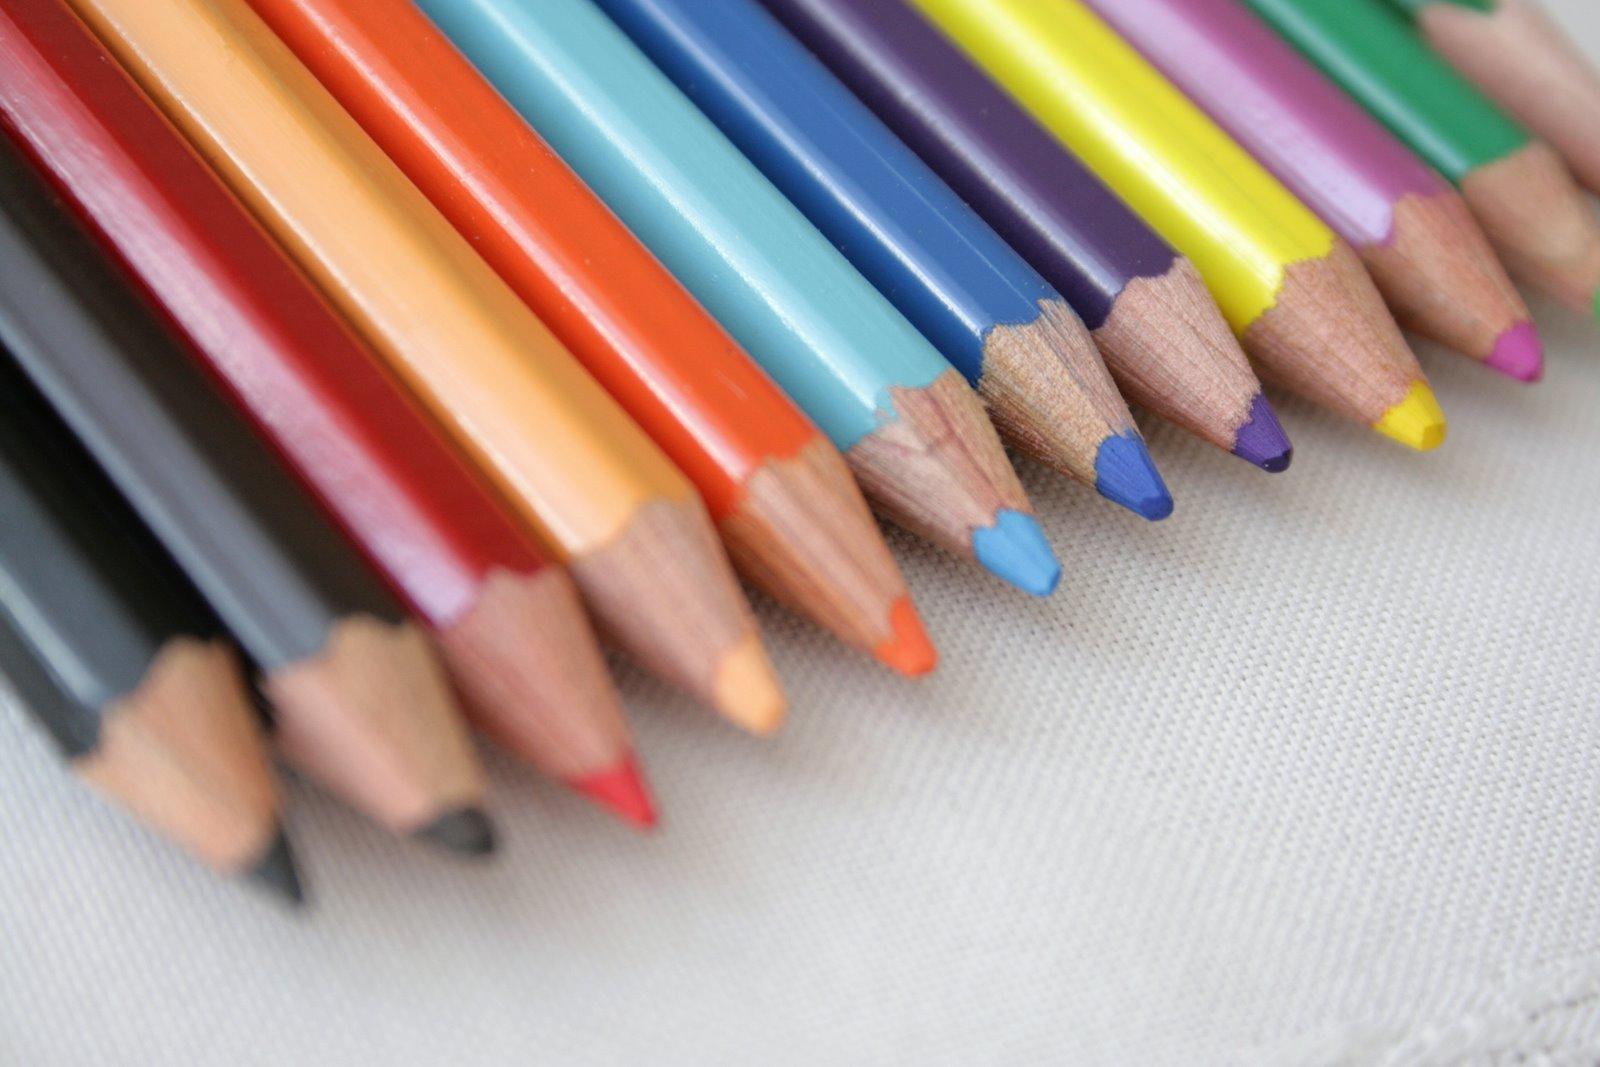 Dover Clip Art + Watercolor Pencils = Work of Art.